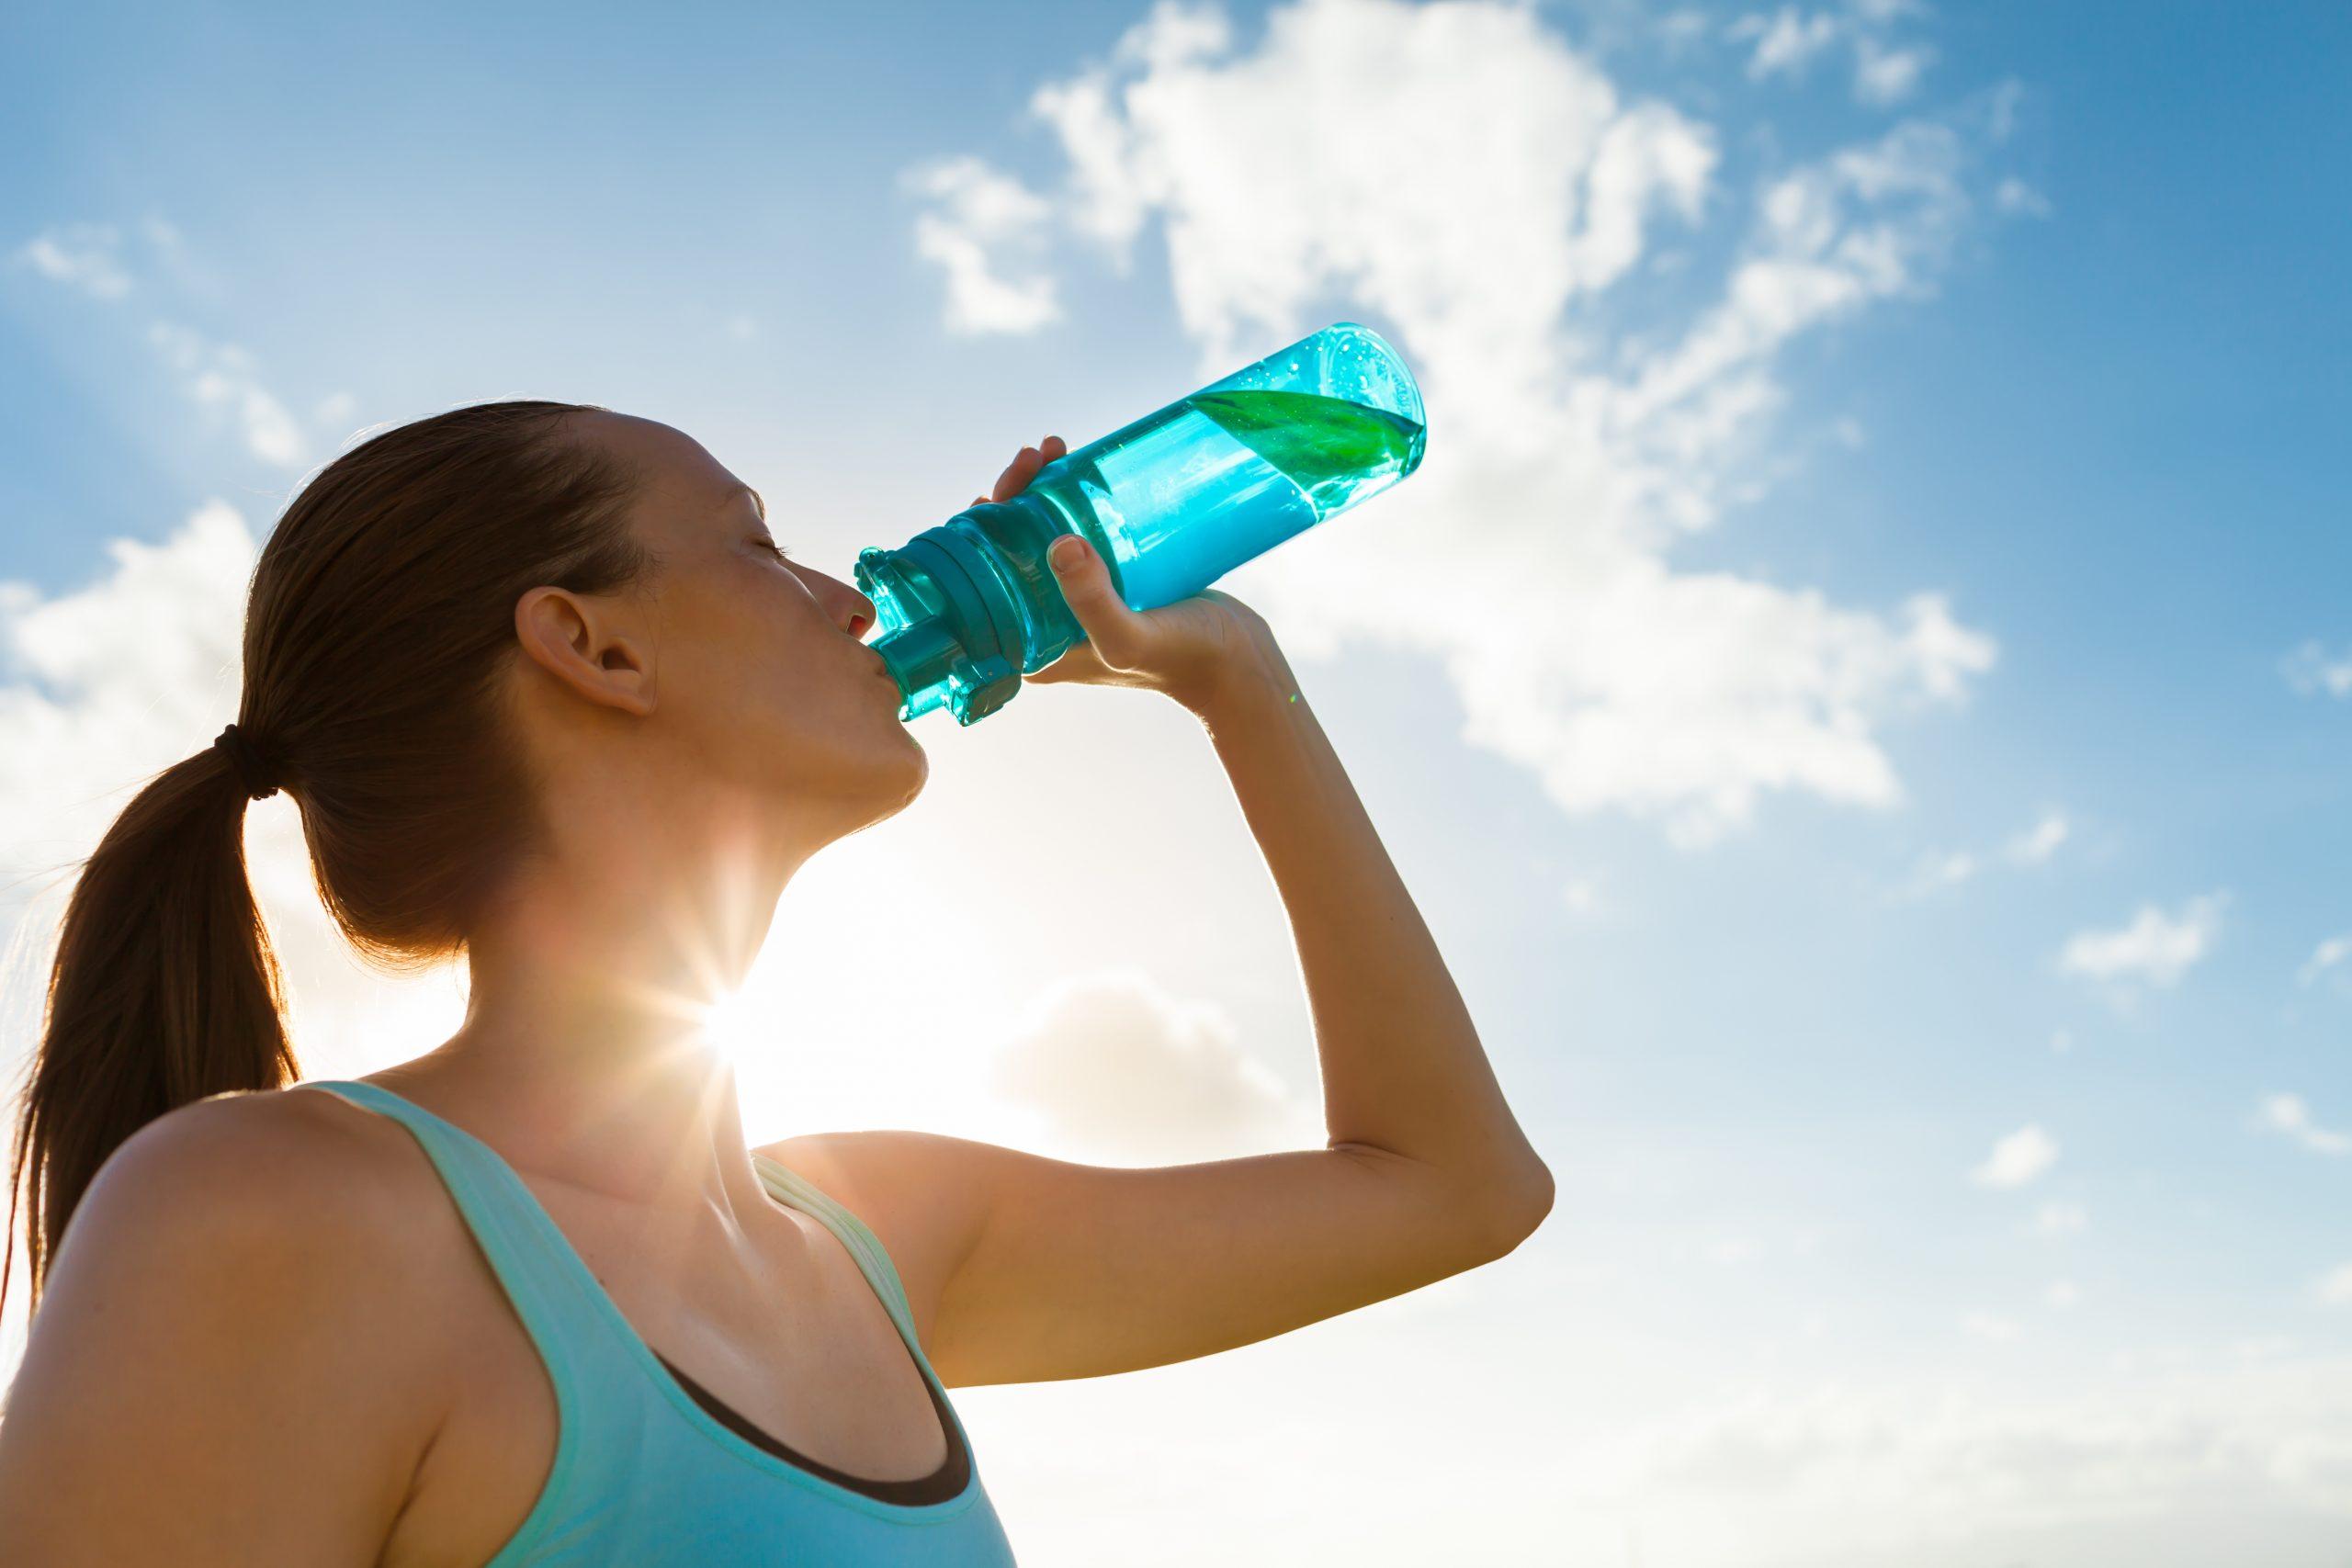 Woman drinking bottle of water.